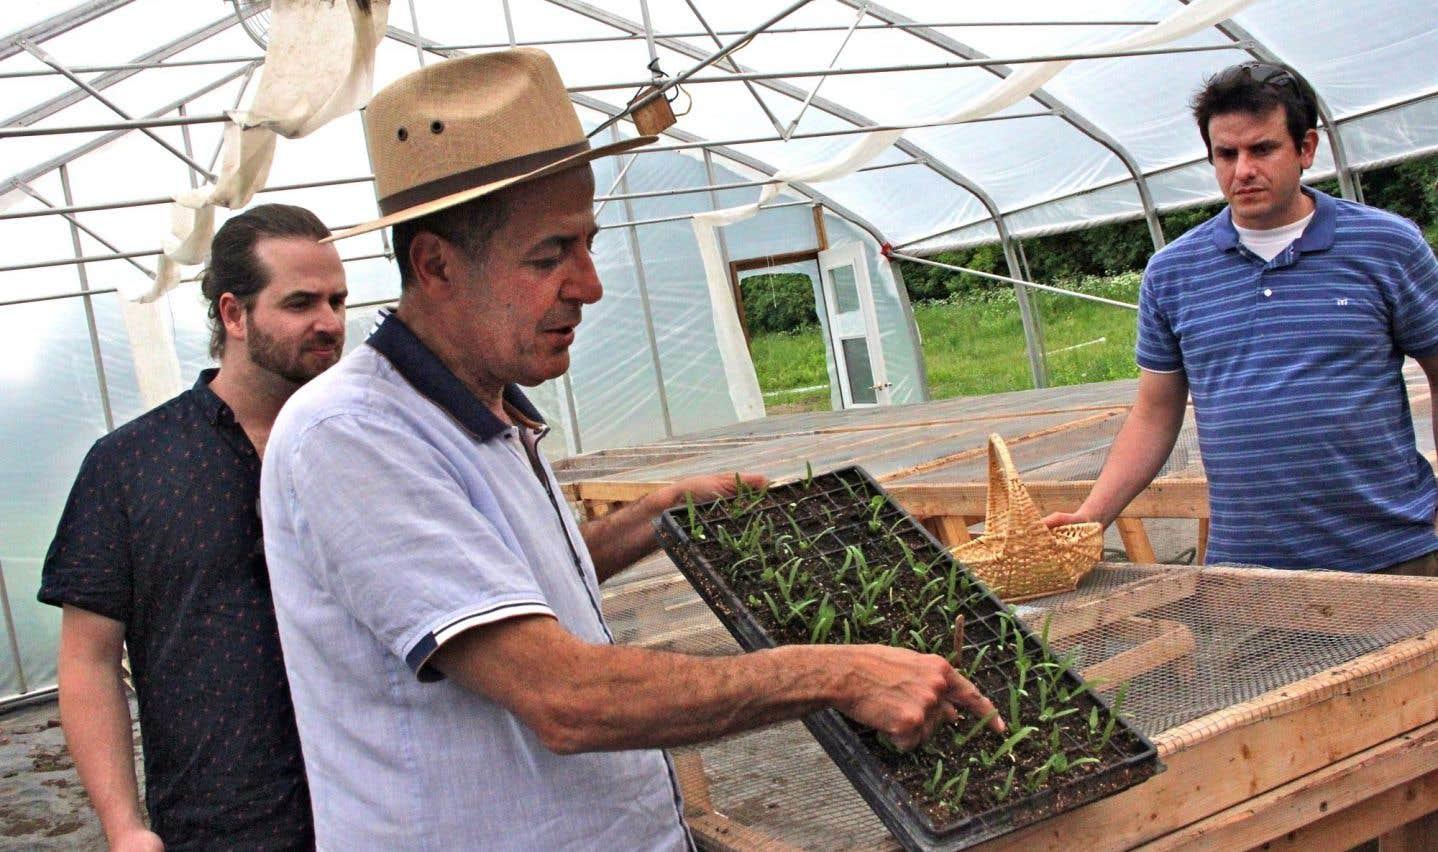 La clé des champs: des tours guidés en milieu agricole proposent de découvrir le territoire et notre alimentation